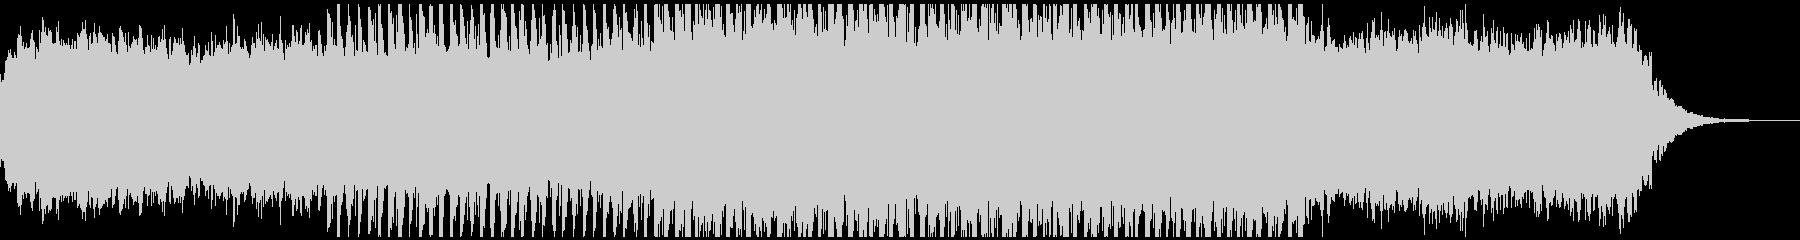 テクノポップなBGMの未再生の波形